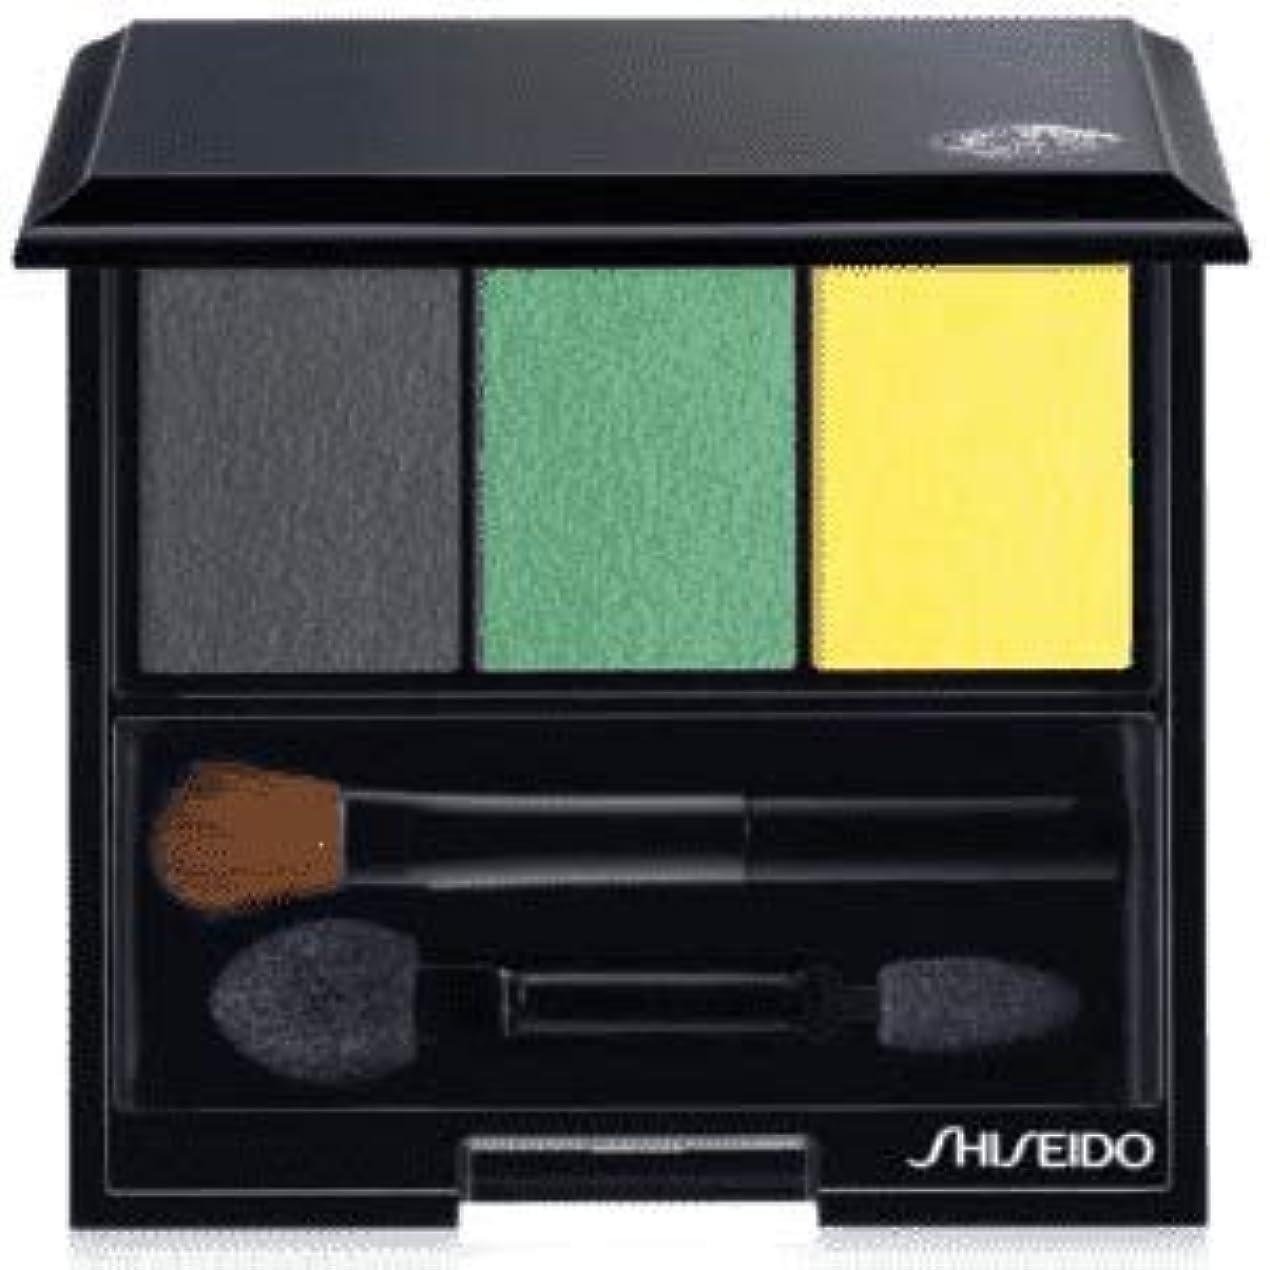 知る滅びる破産資生堂 ルミナイジング サテン アイカラー トリオ GR716(Shiseido Luminizing Satin Eye Color Trio GR716) [並行輸入品]